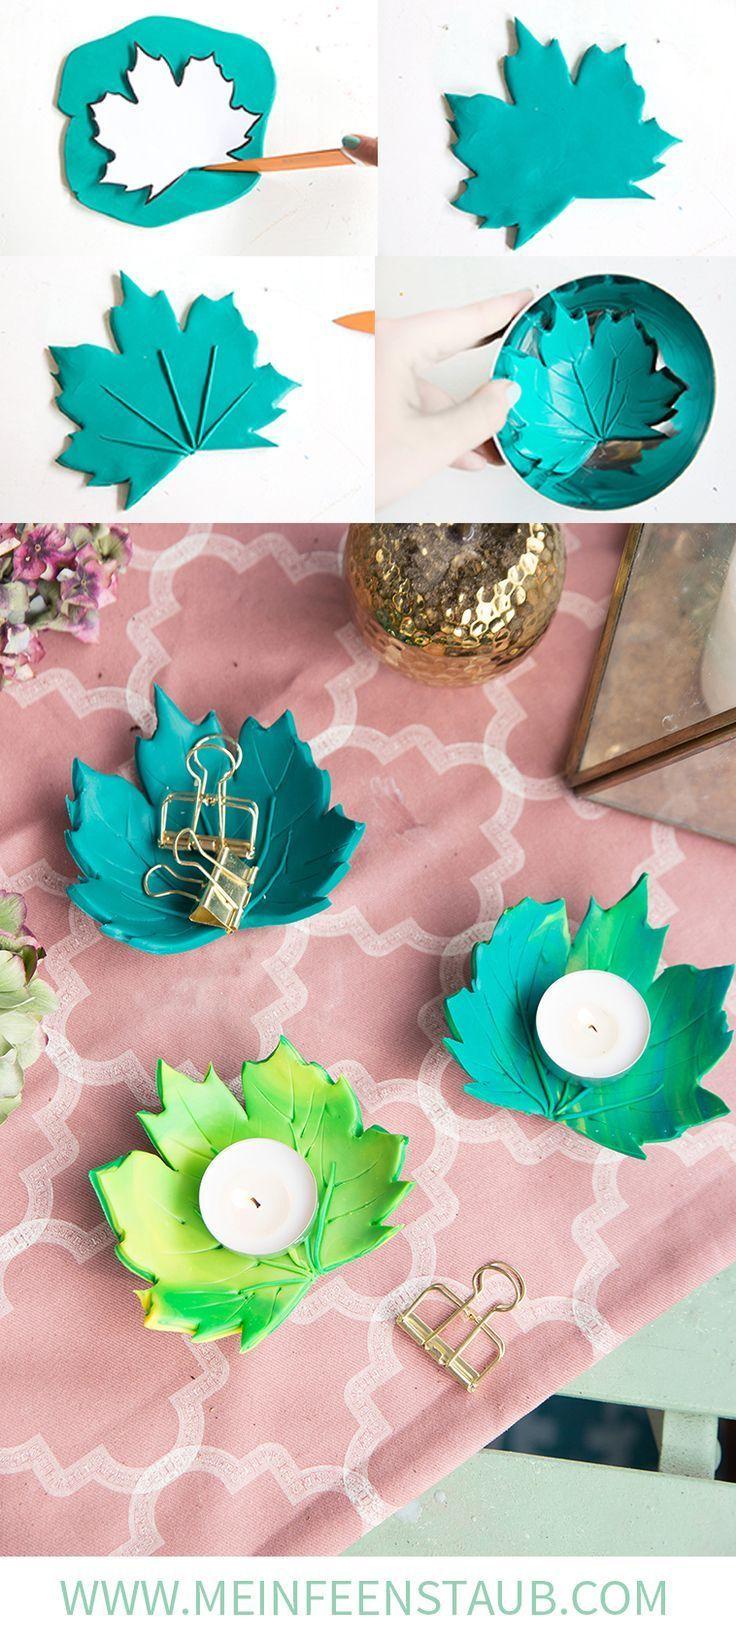 DIY: Herbstliche Blätter-Teelichthalter aus FIMO | mein feenstaub #diyundselbermachen